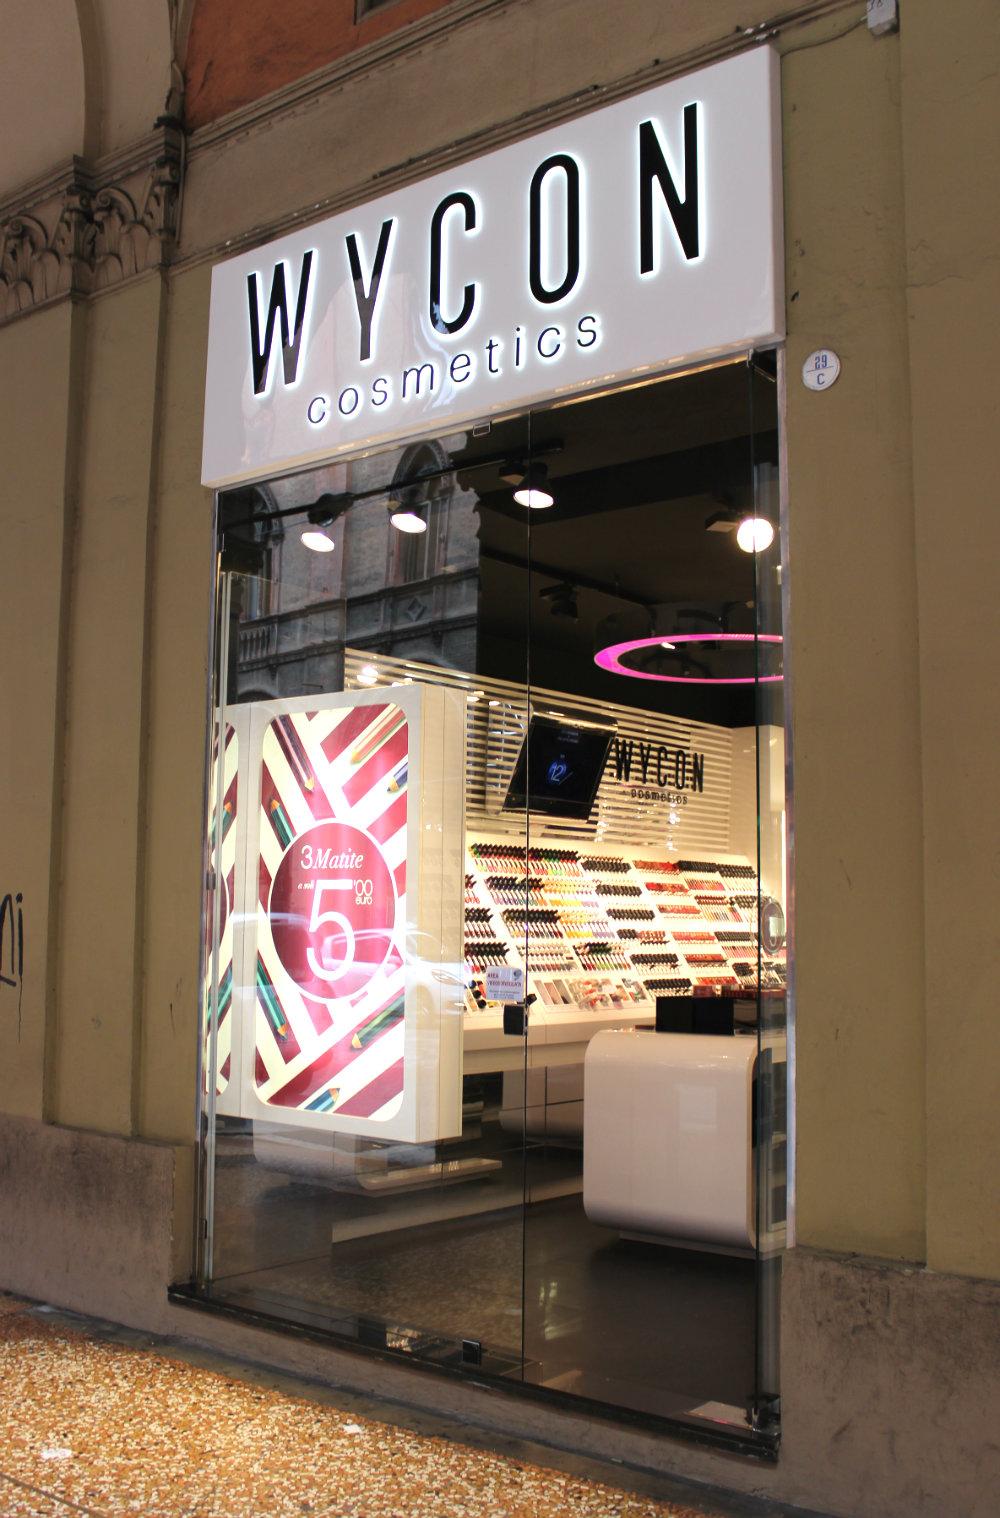 Wycon Store Bologna Italy